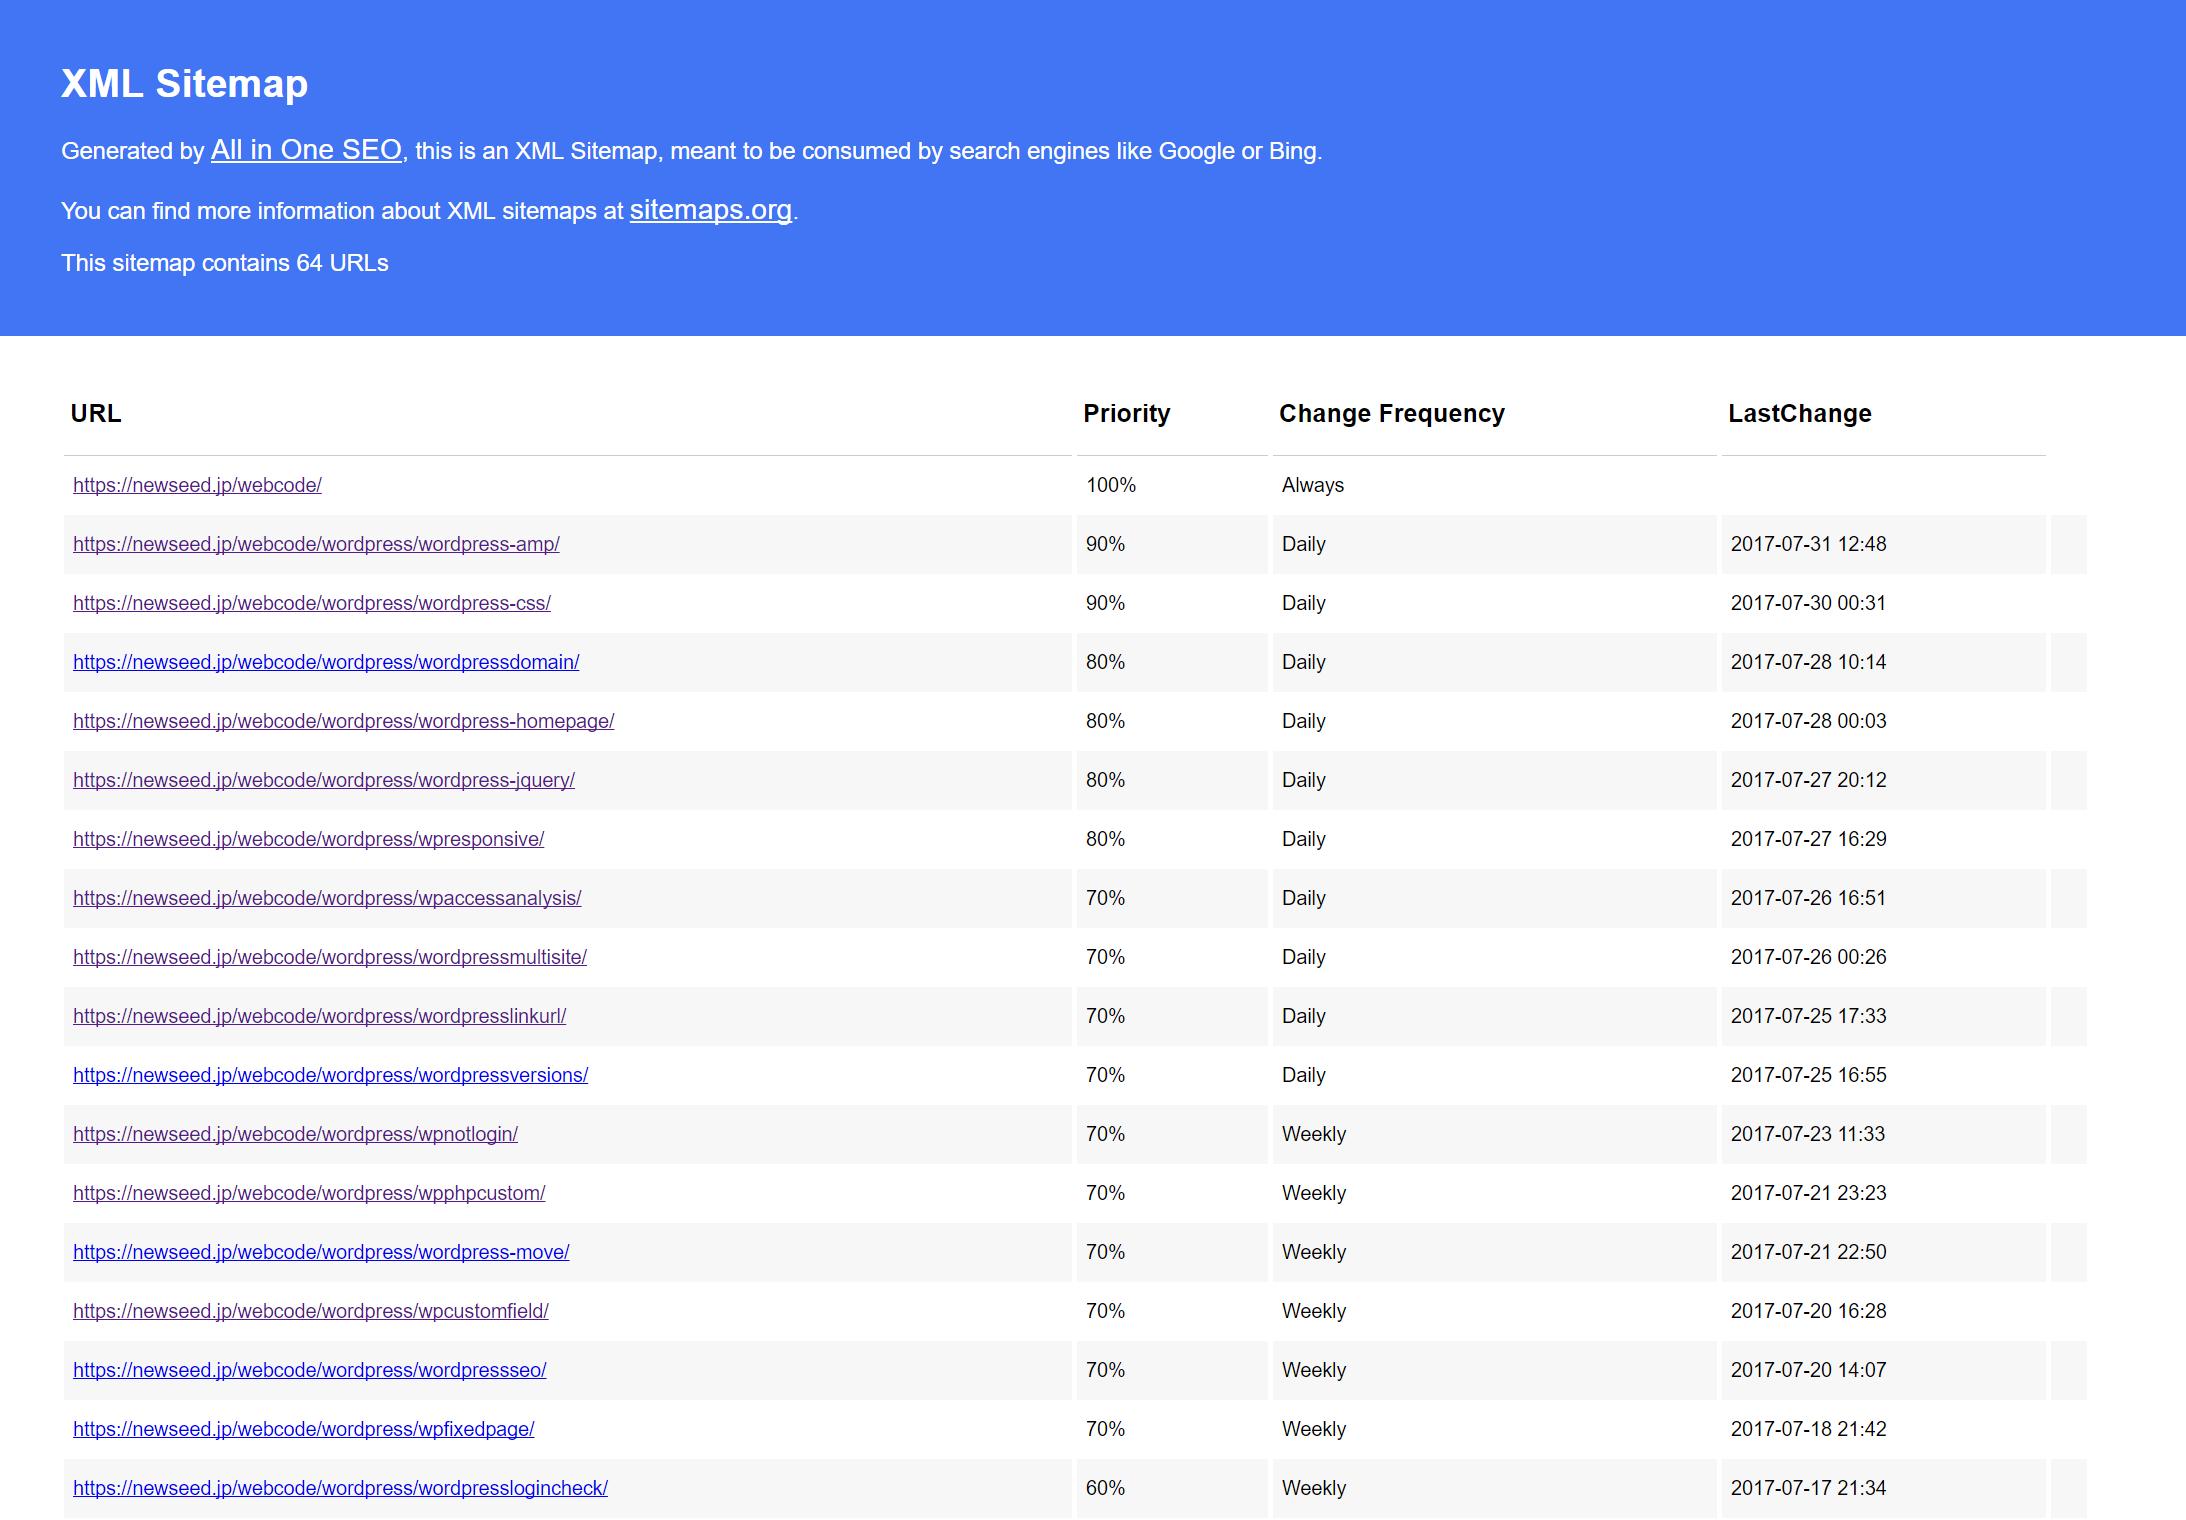 XMLsitemap - WordPressのサイトマップの作成方法!おすすめプラグイン4つも紹介